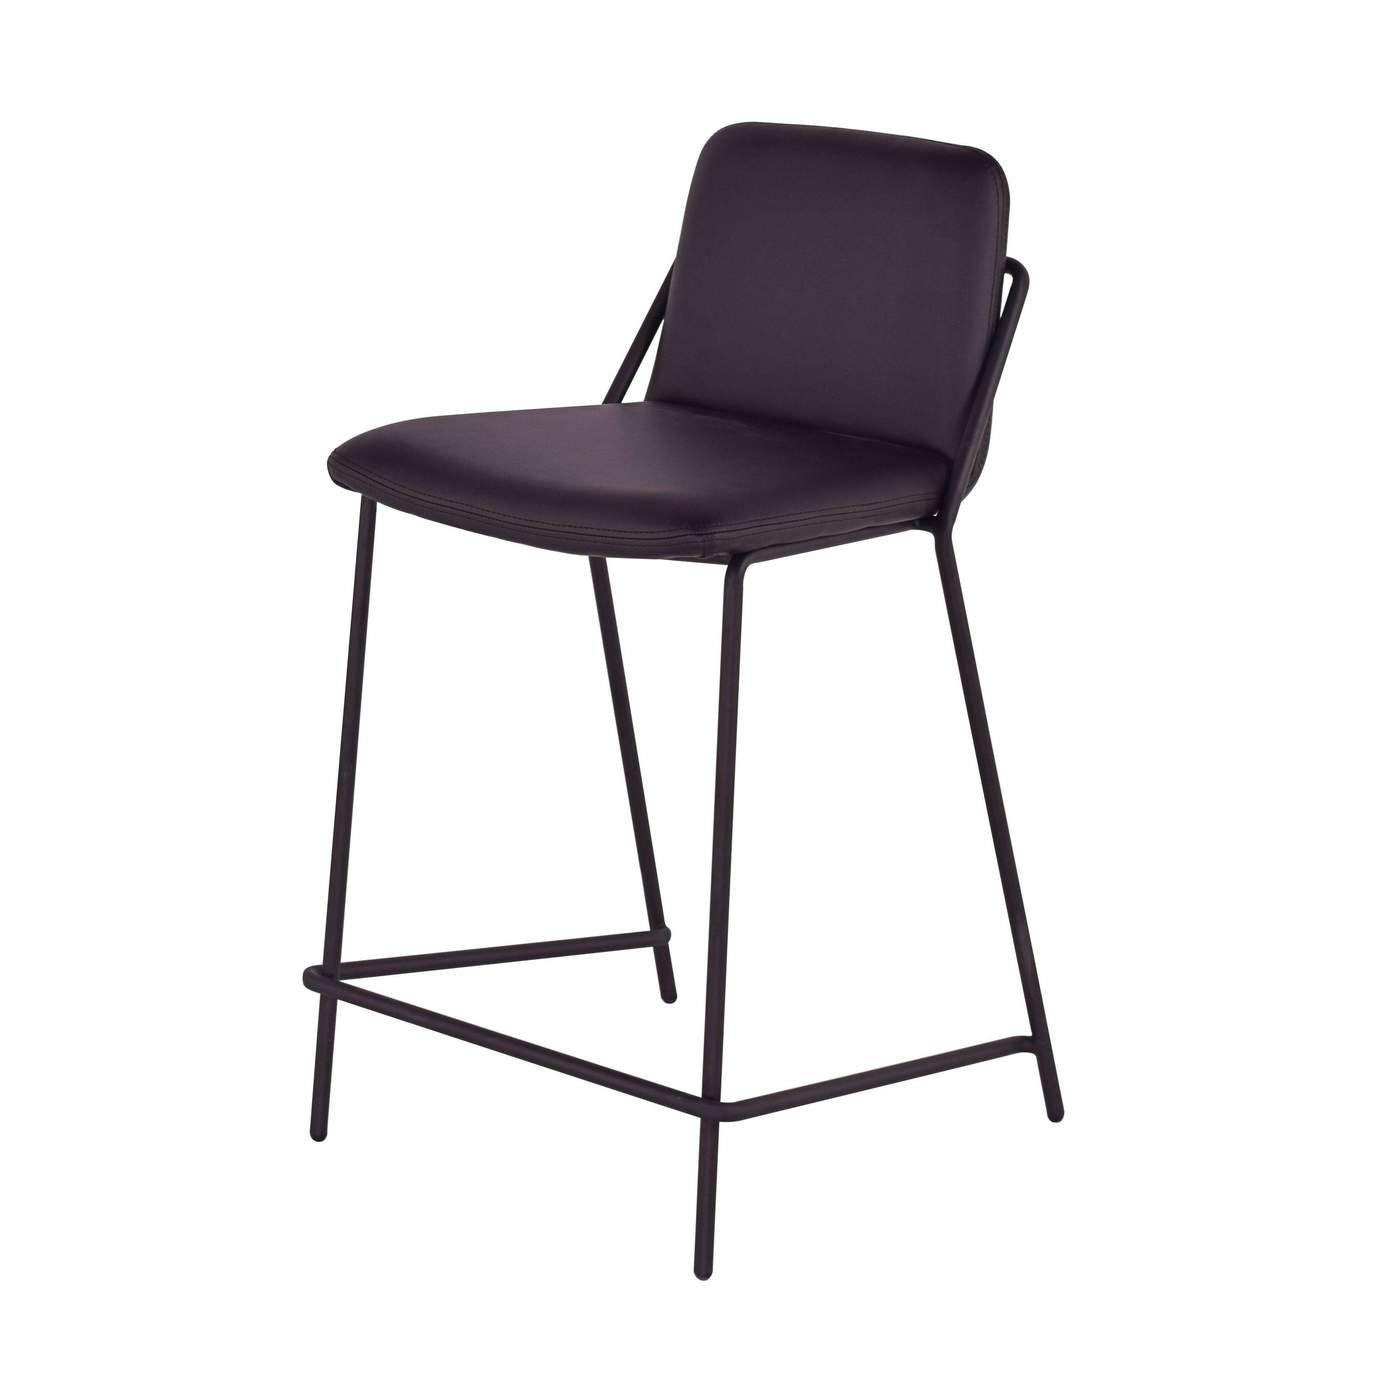 Awesome Sling Upholstered Counter Stool Scandinavian Kitchen In Inzonedesignstudio Interior Chair Design Inzonedesignstudiocom